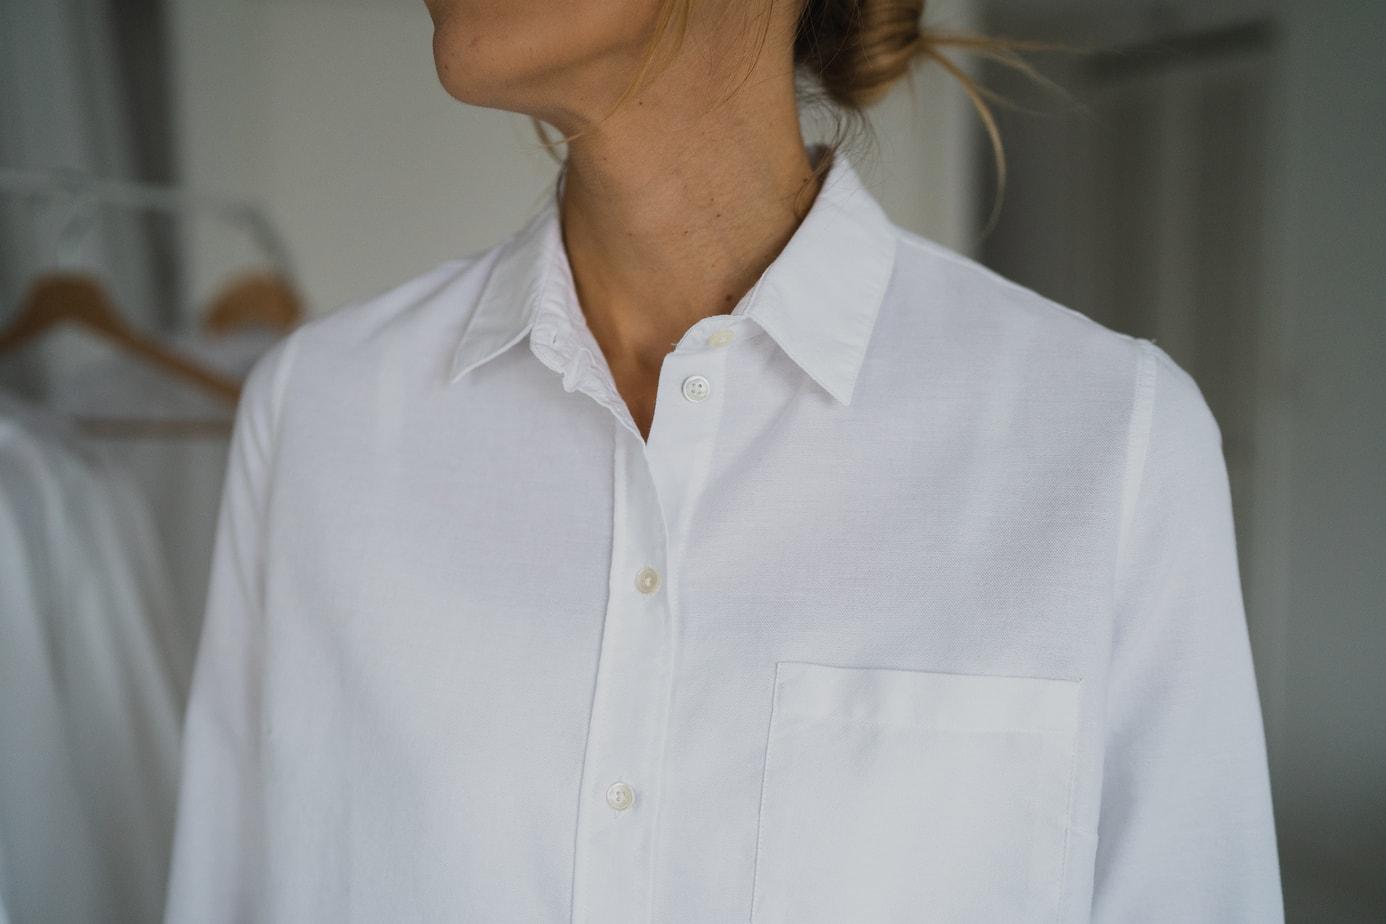 Dans mon dernier article, je vous donnais quelques astuces pour vous aider  à bien choisir une chemise et à reconnaître une pièce de qualité. 781881ec0d49